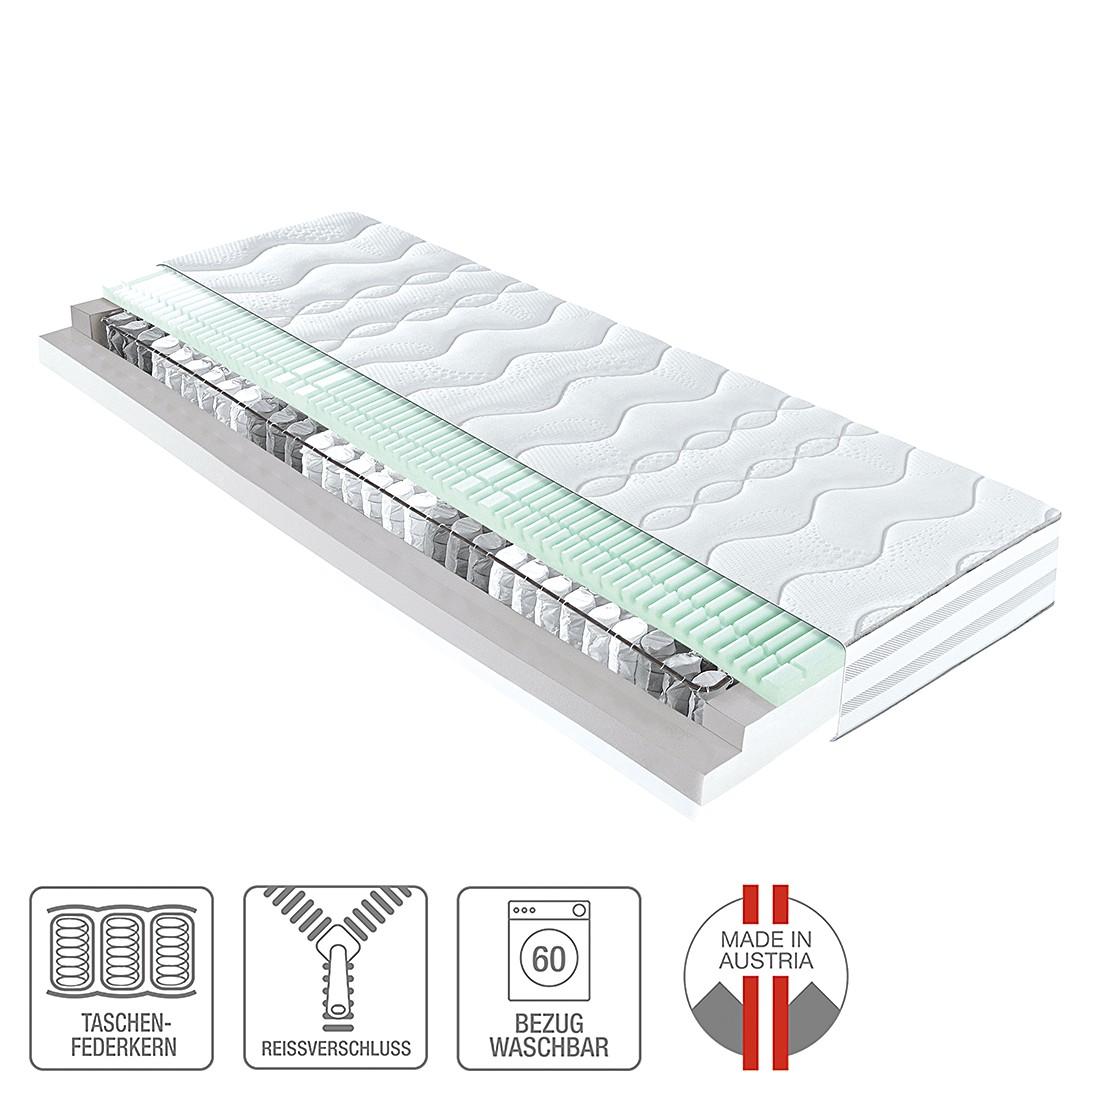 7-Zonen Taschenfederkernmatratze Concept 500 – 80 x 200cm – H2 bis 80 kg, ADA premium jetzt kaufen